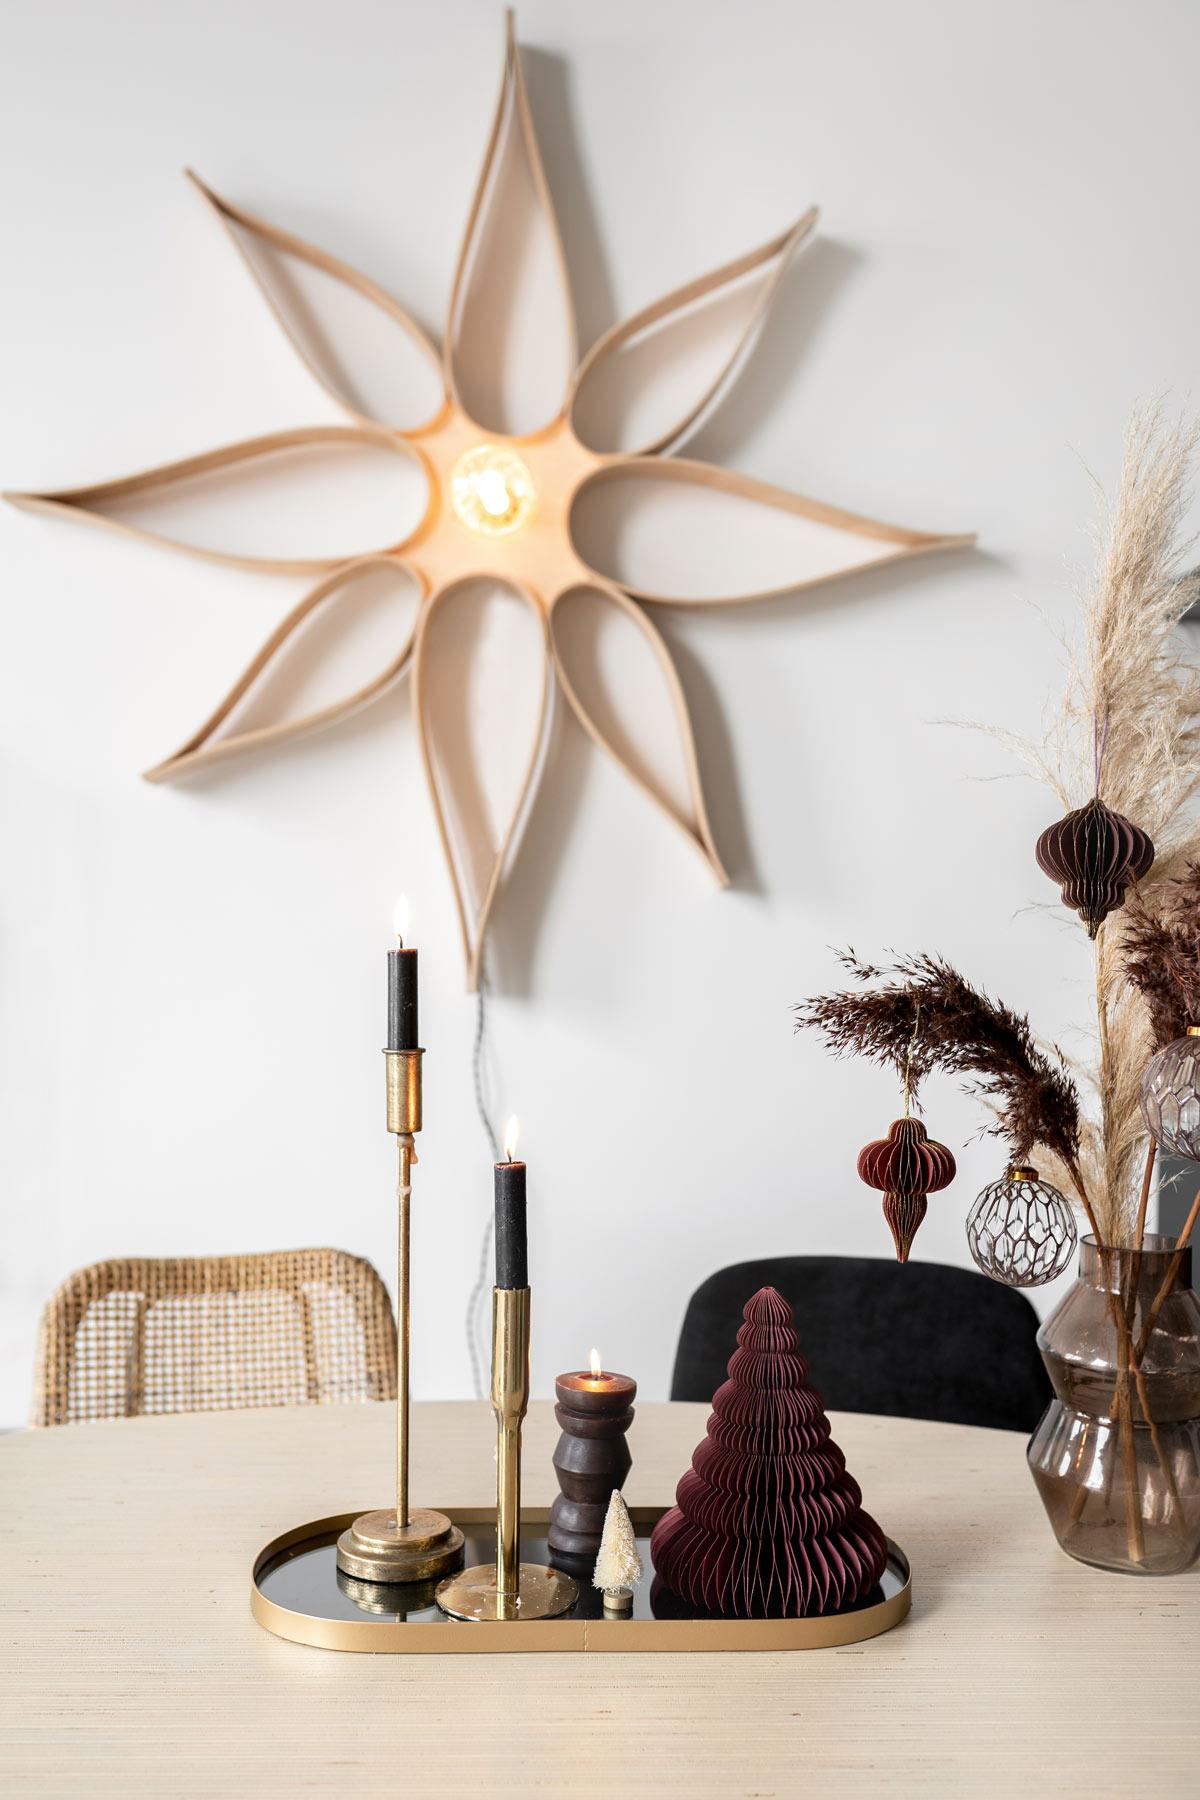 DIY houten ster kerst - Tanja van Hoogdalem